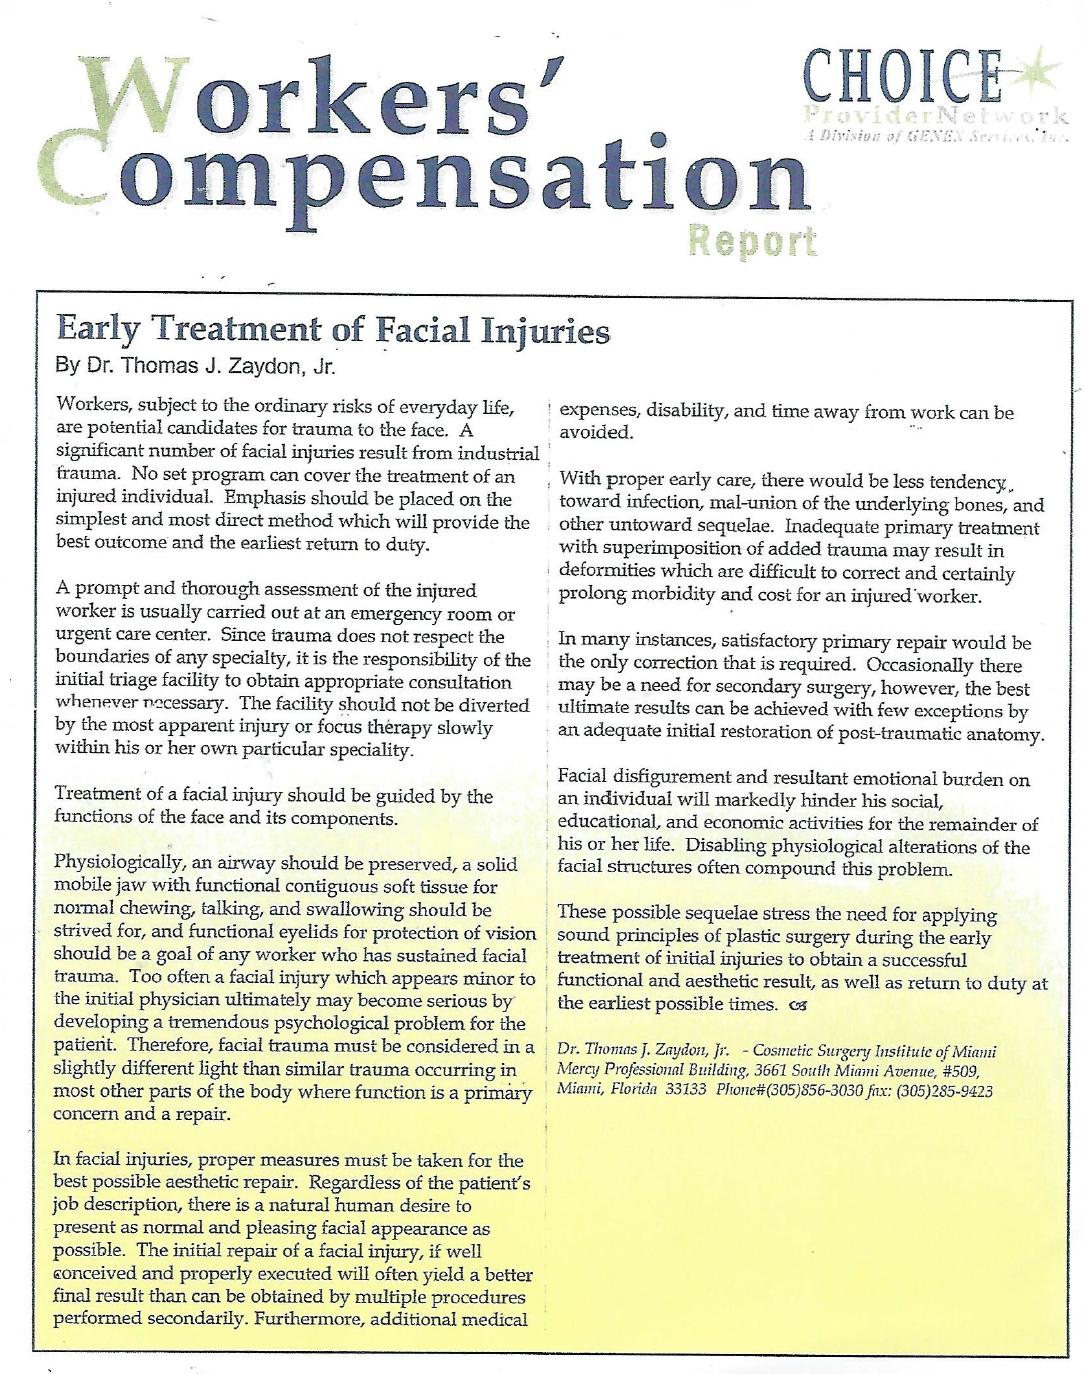 Screen Shot 2019 01 03 at 17.58.54 - Early Treatment of Facial Injuries by Dr. Thomas Zaydon